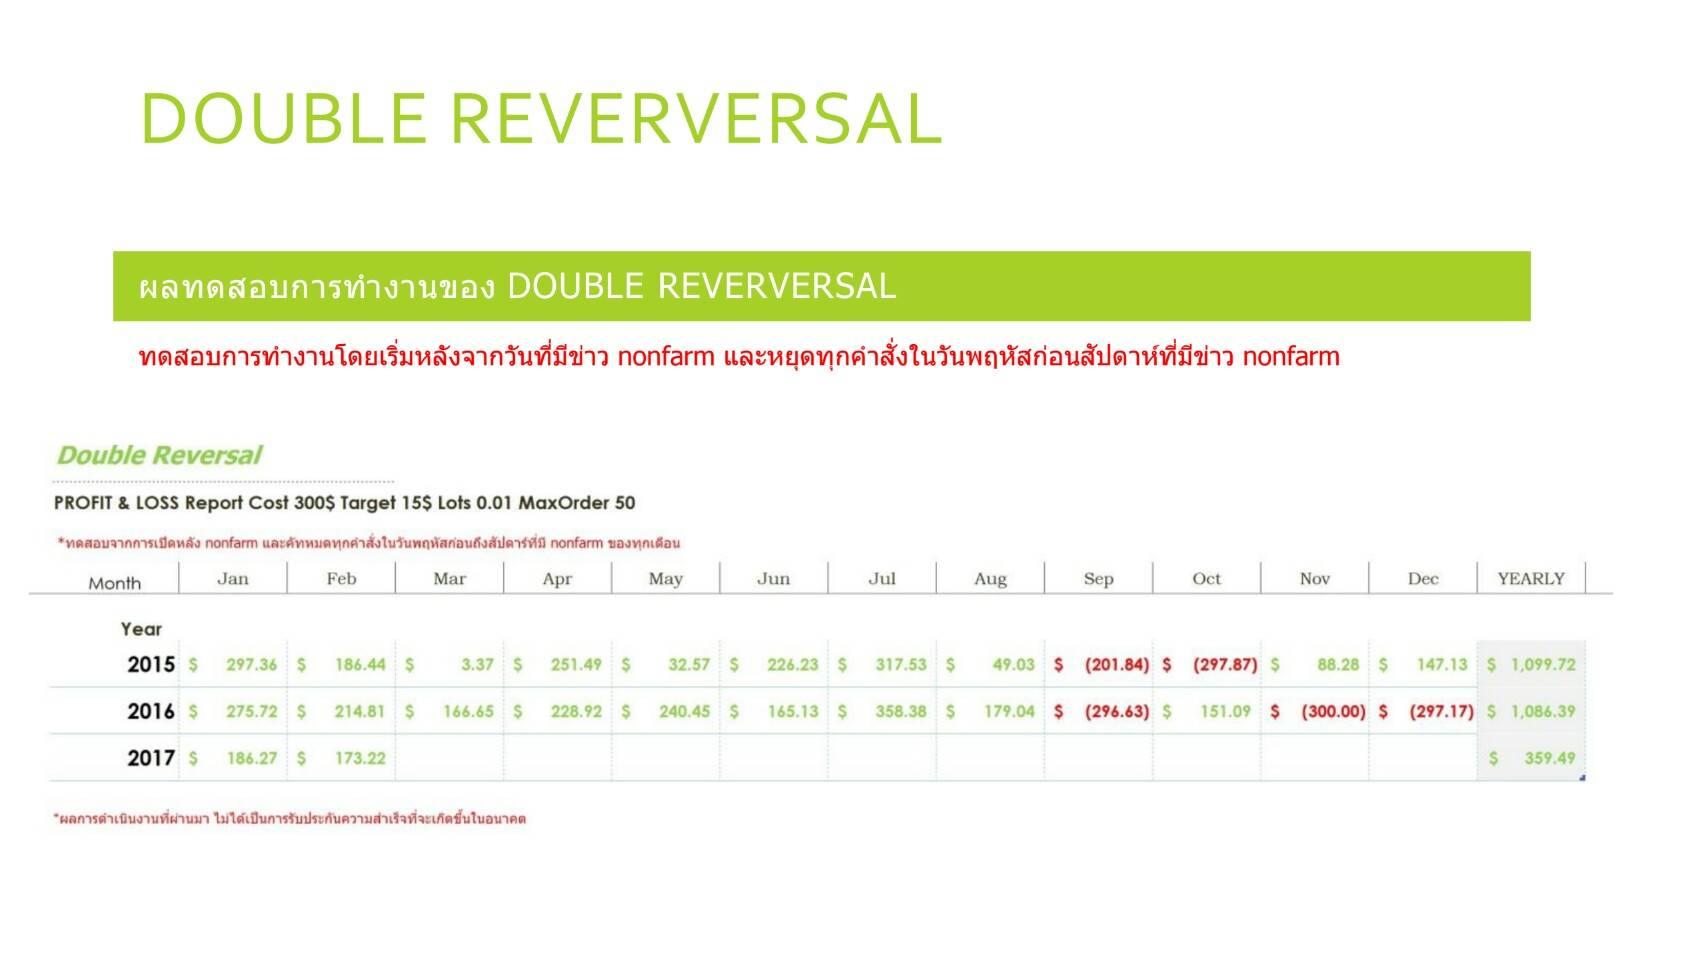 DoubleReversal Report